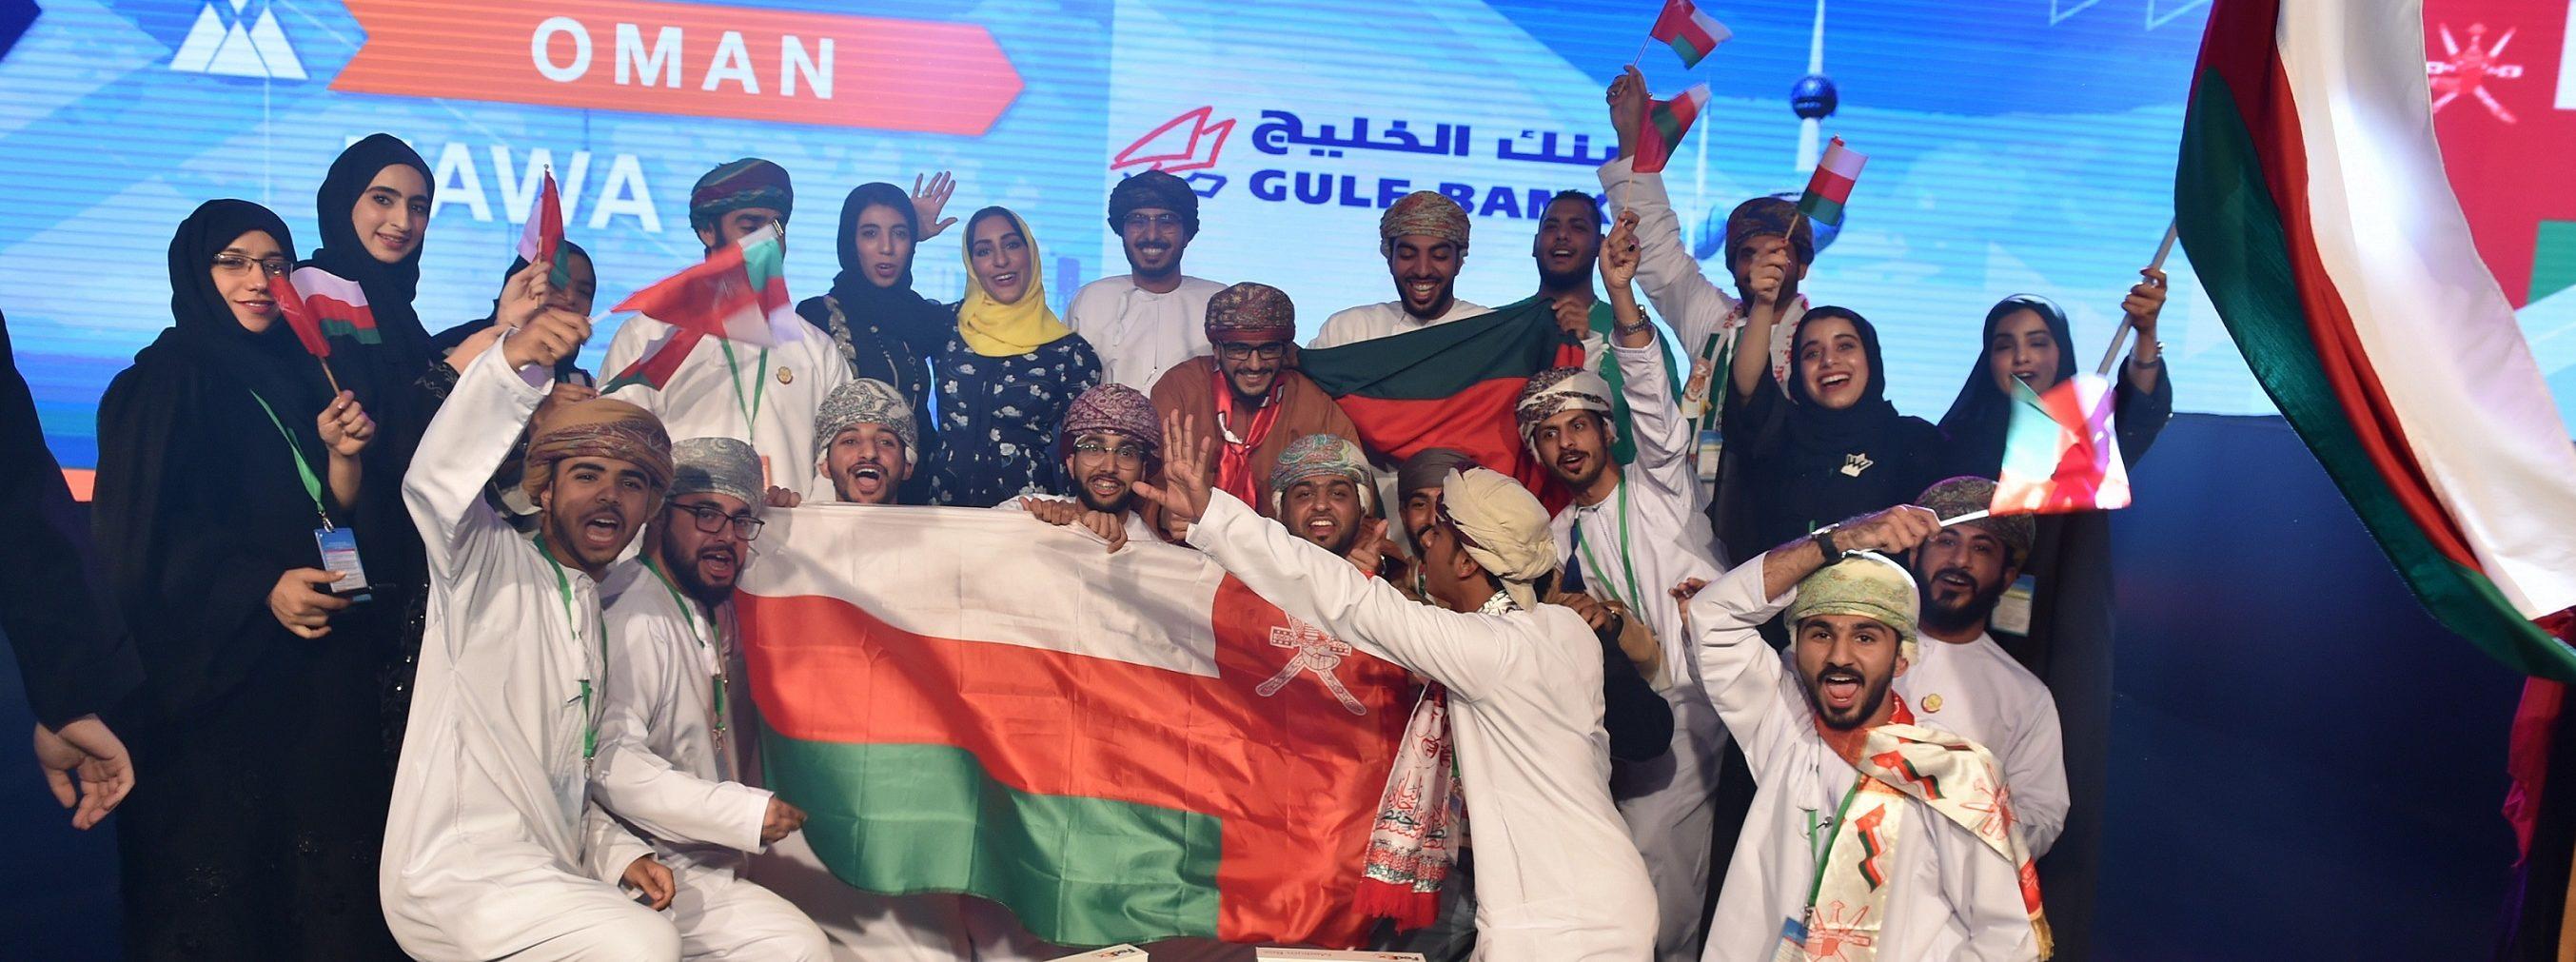 الفائزون بمسابقة انجاز العرب للشباب رواد الأعمال2018